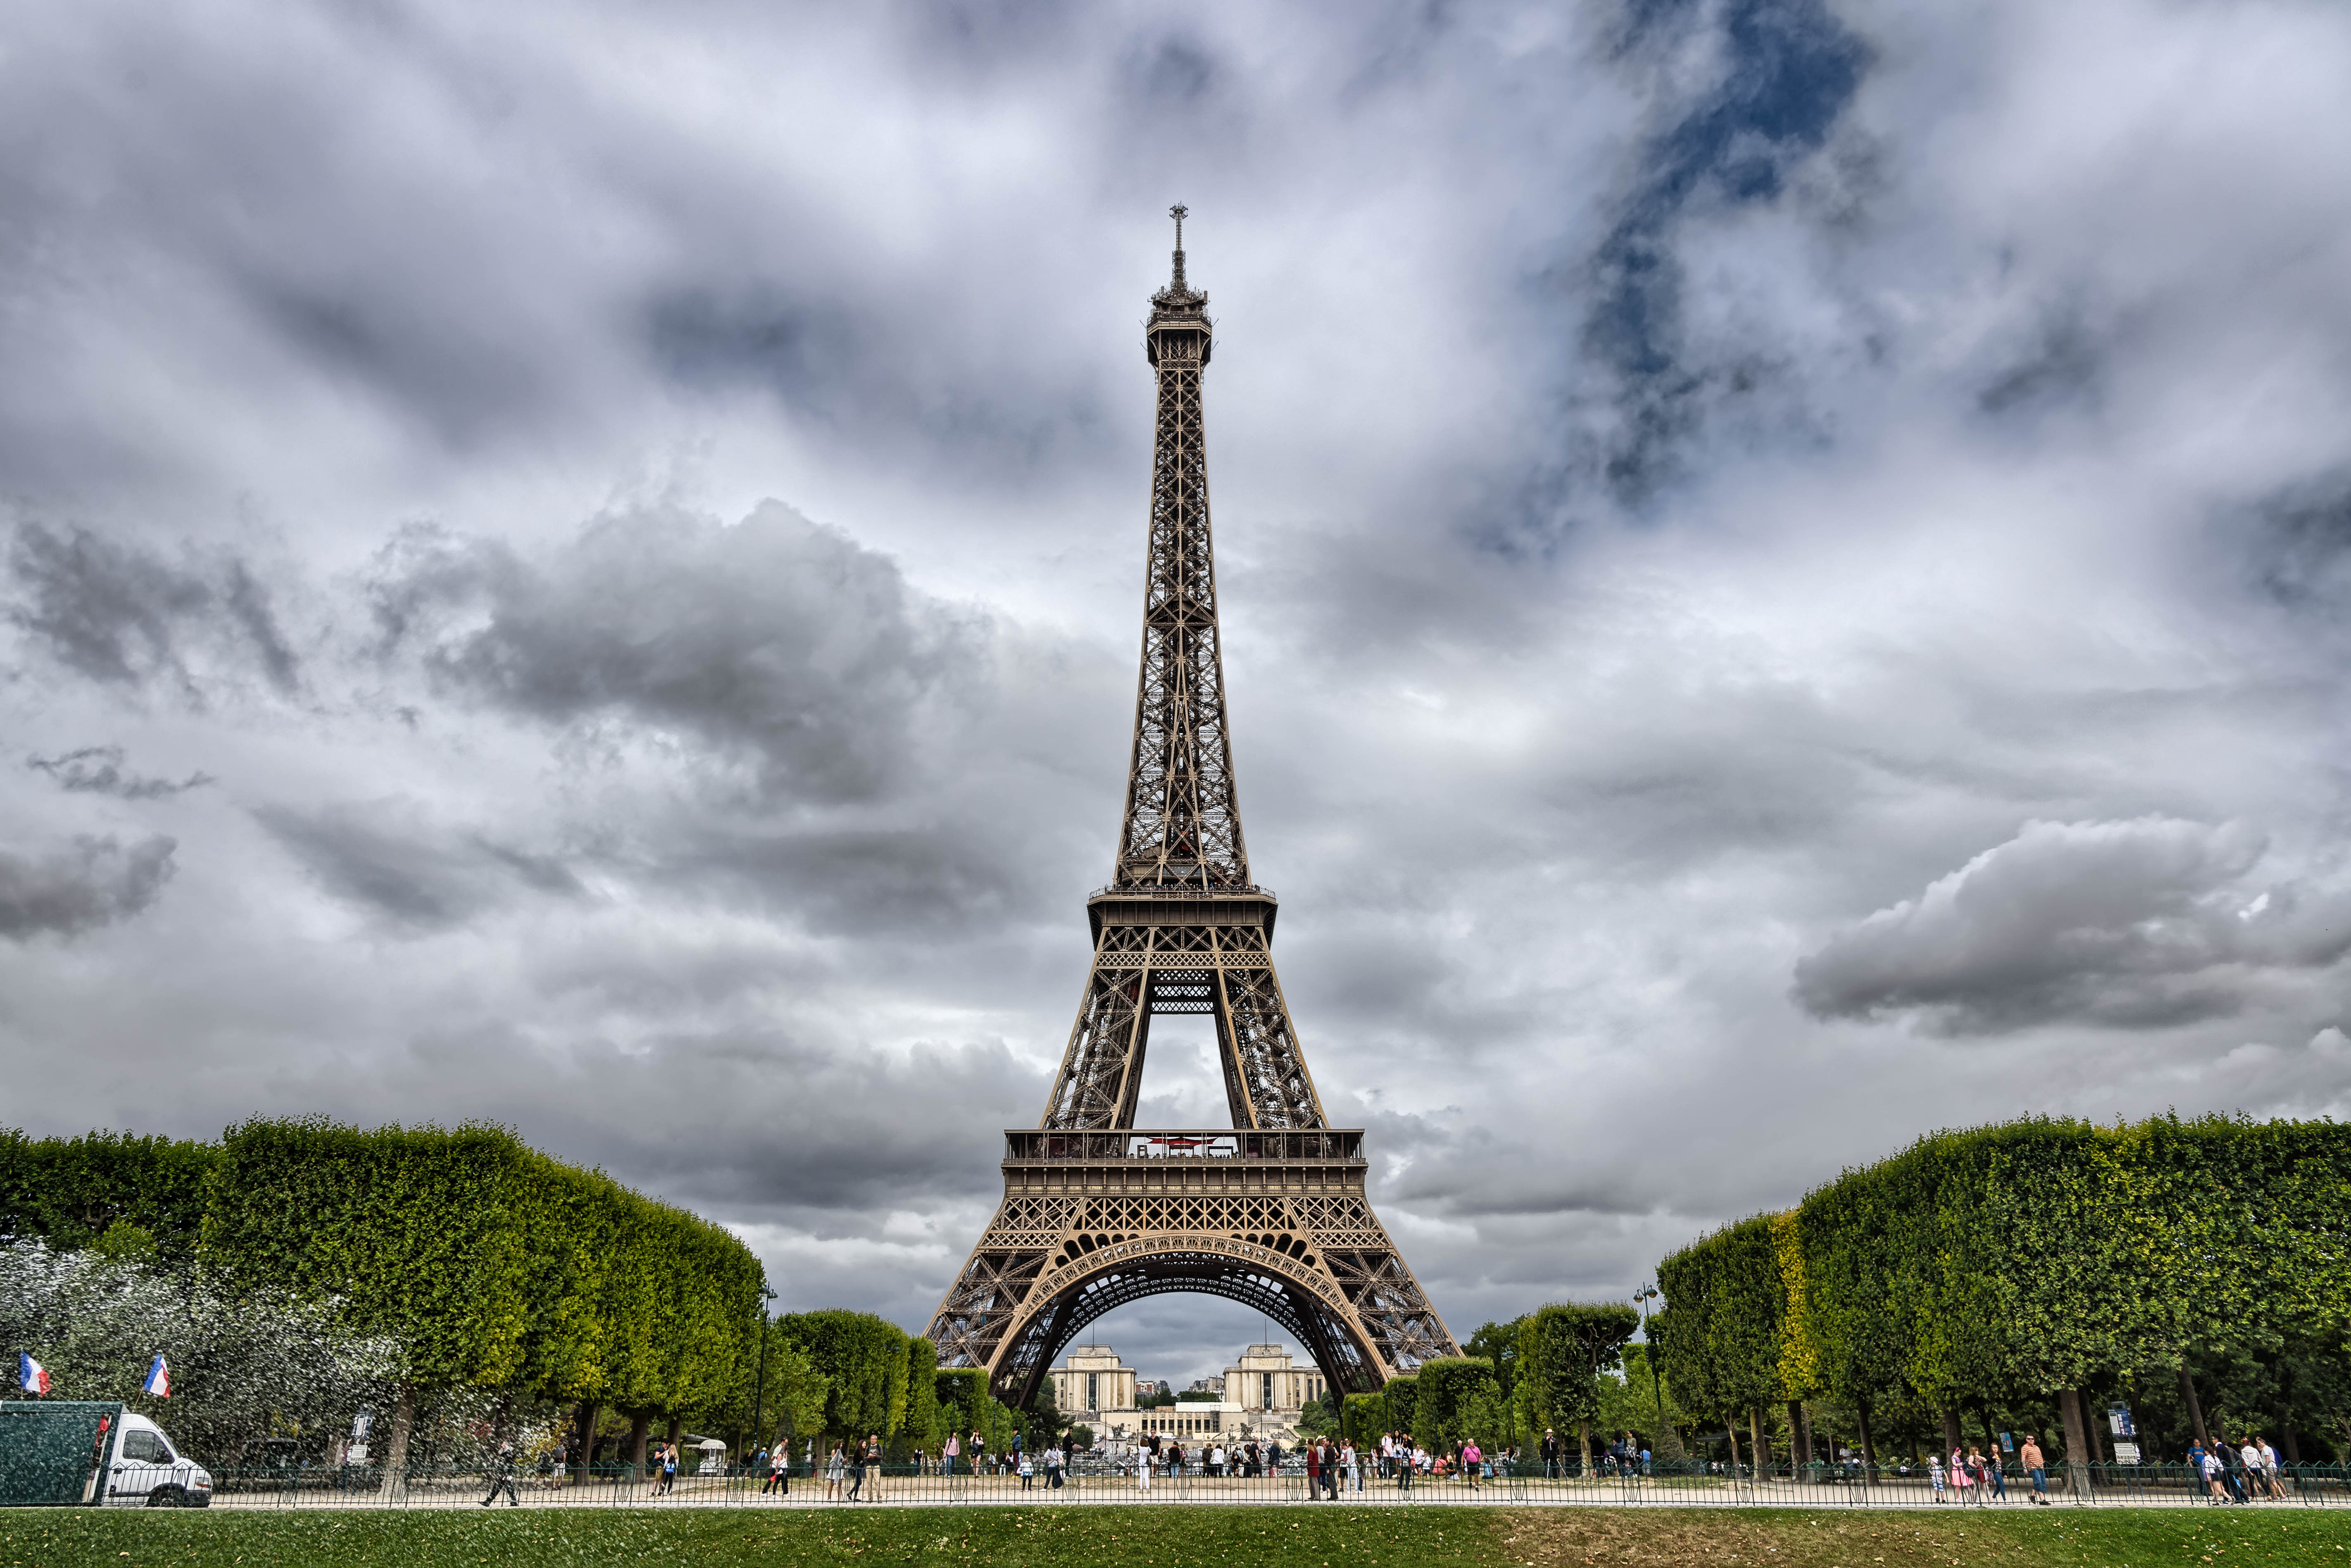 Eiffel Tower as seen from Champ-de-Mars